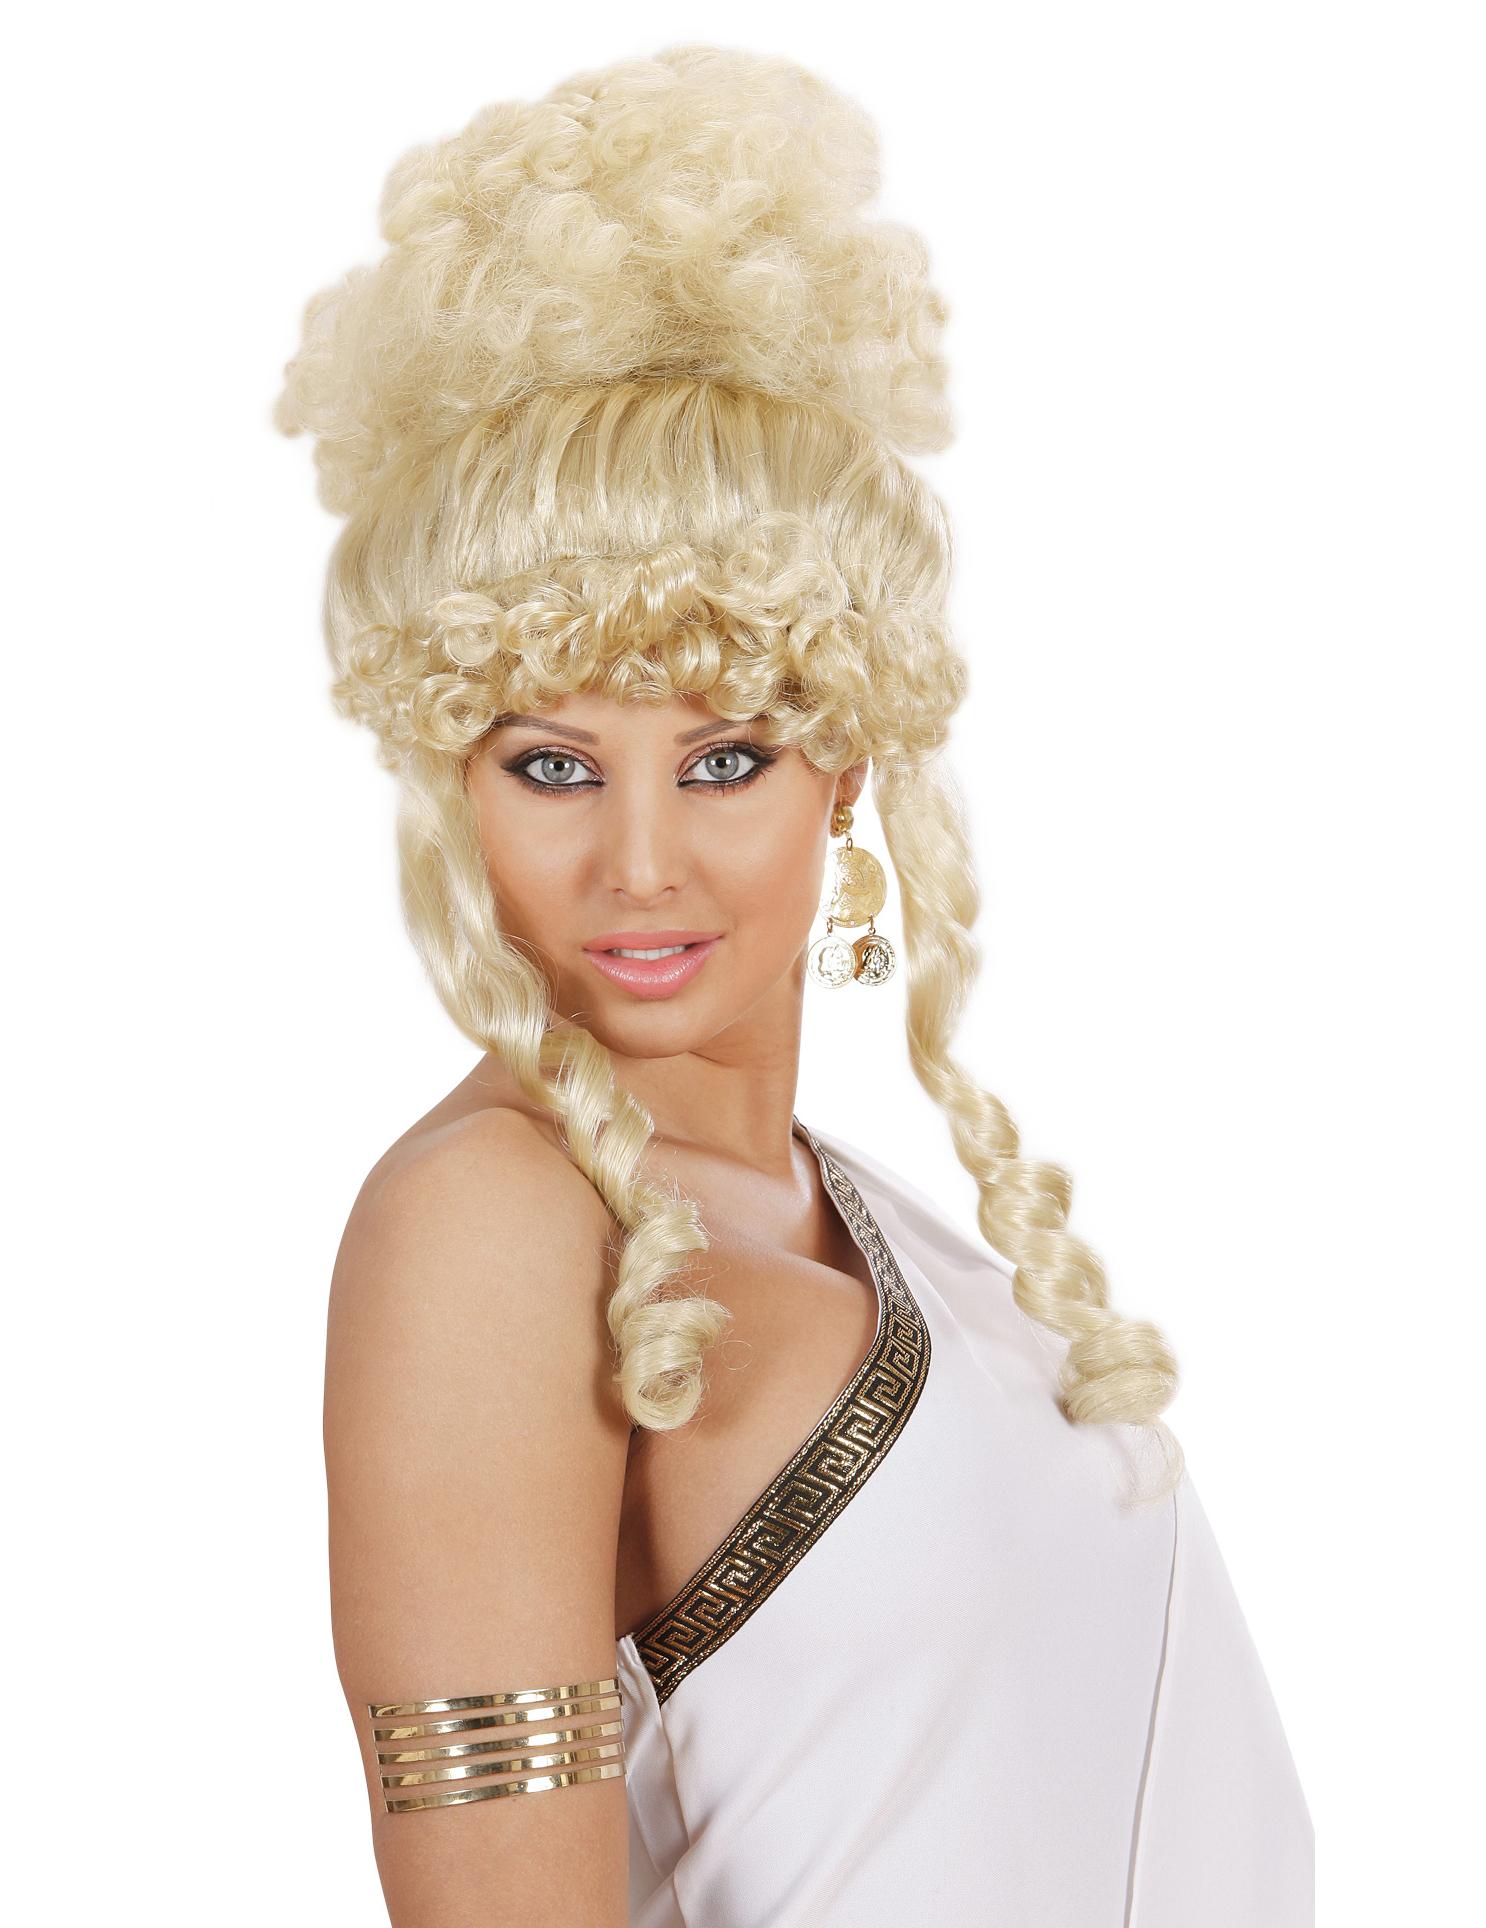 perruque d u00e9esse blonde femme  achat de perruques sur vegaoopro  grossiste en d u00e9guisements